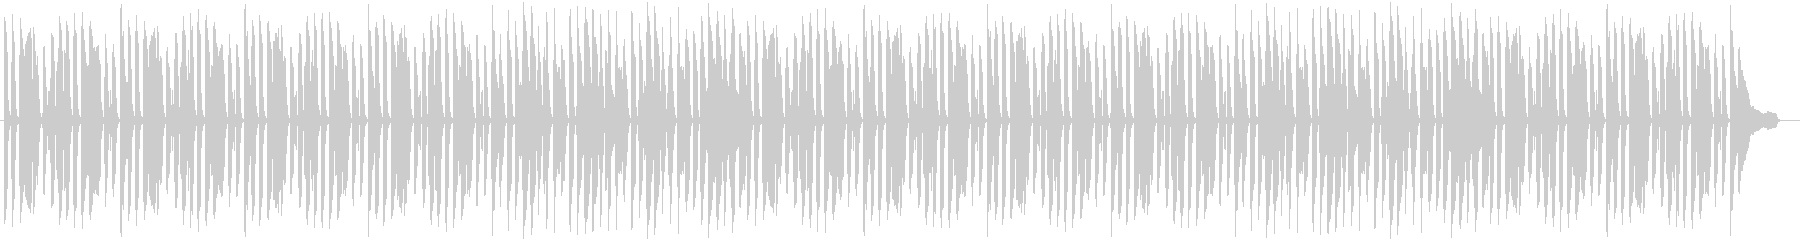 口笛メロディのコンセプトBGM♪の未再生の波形